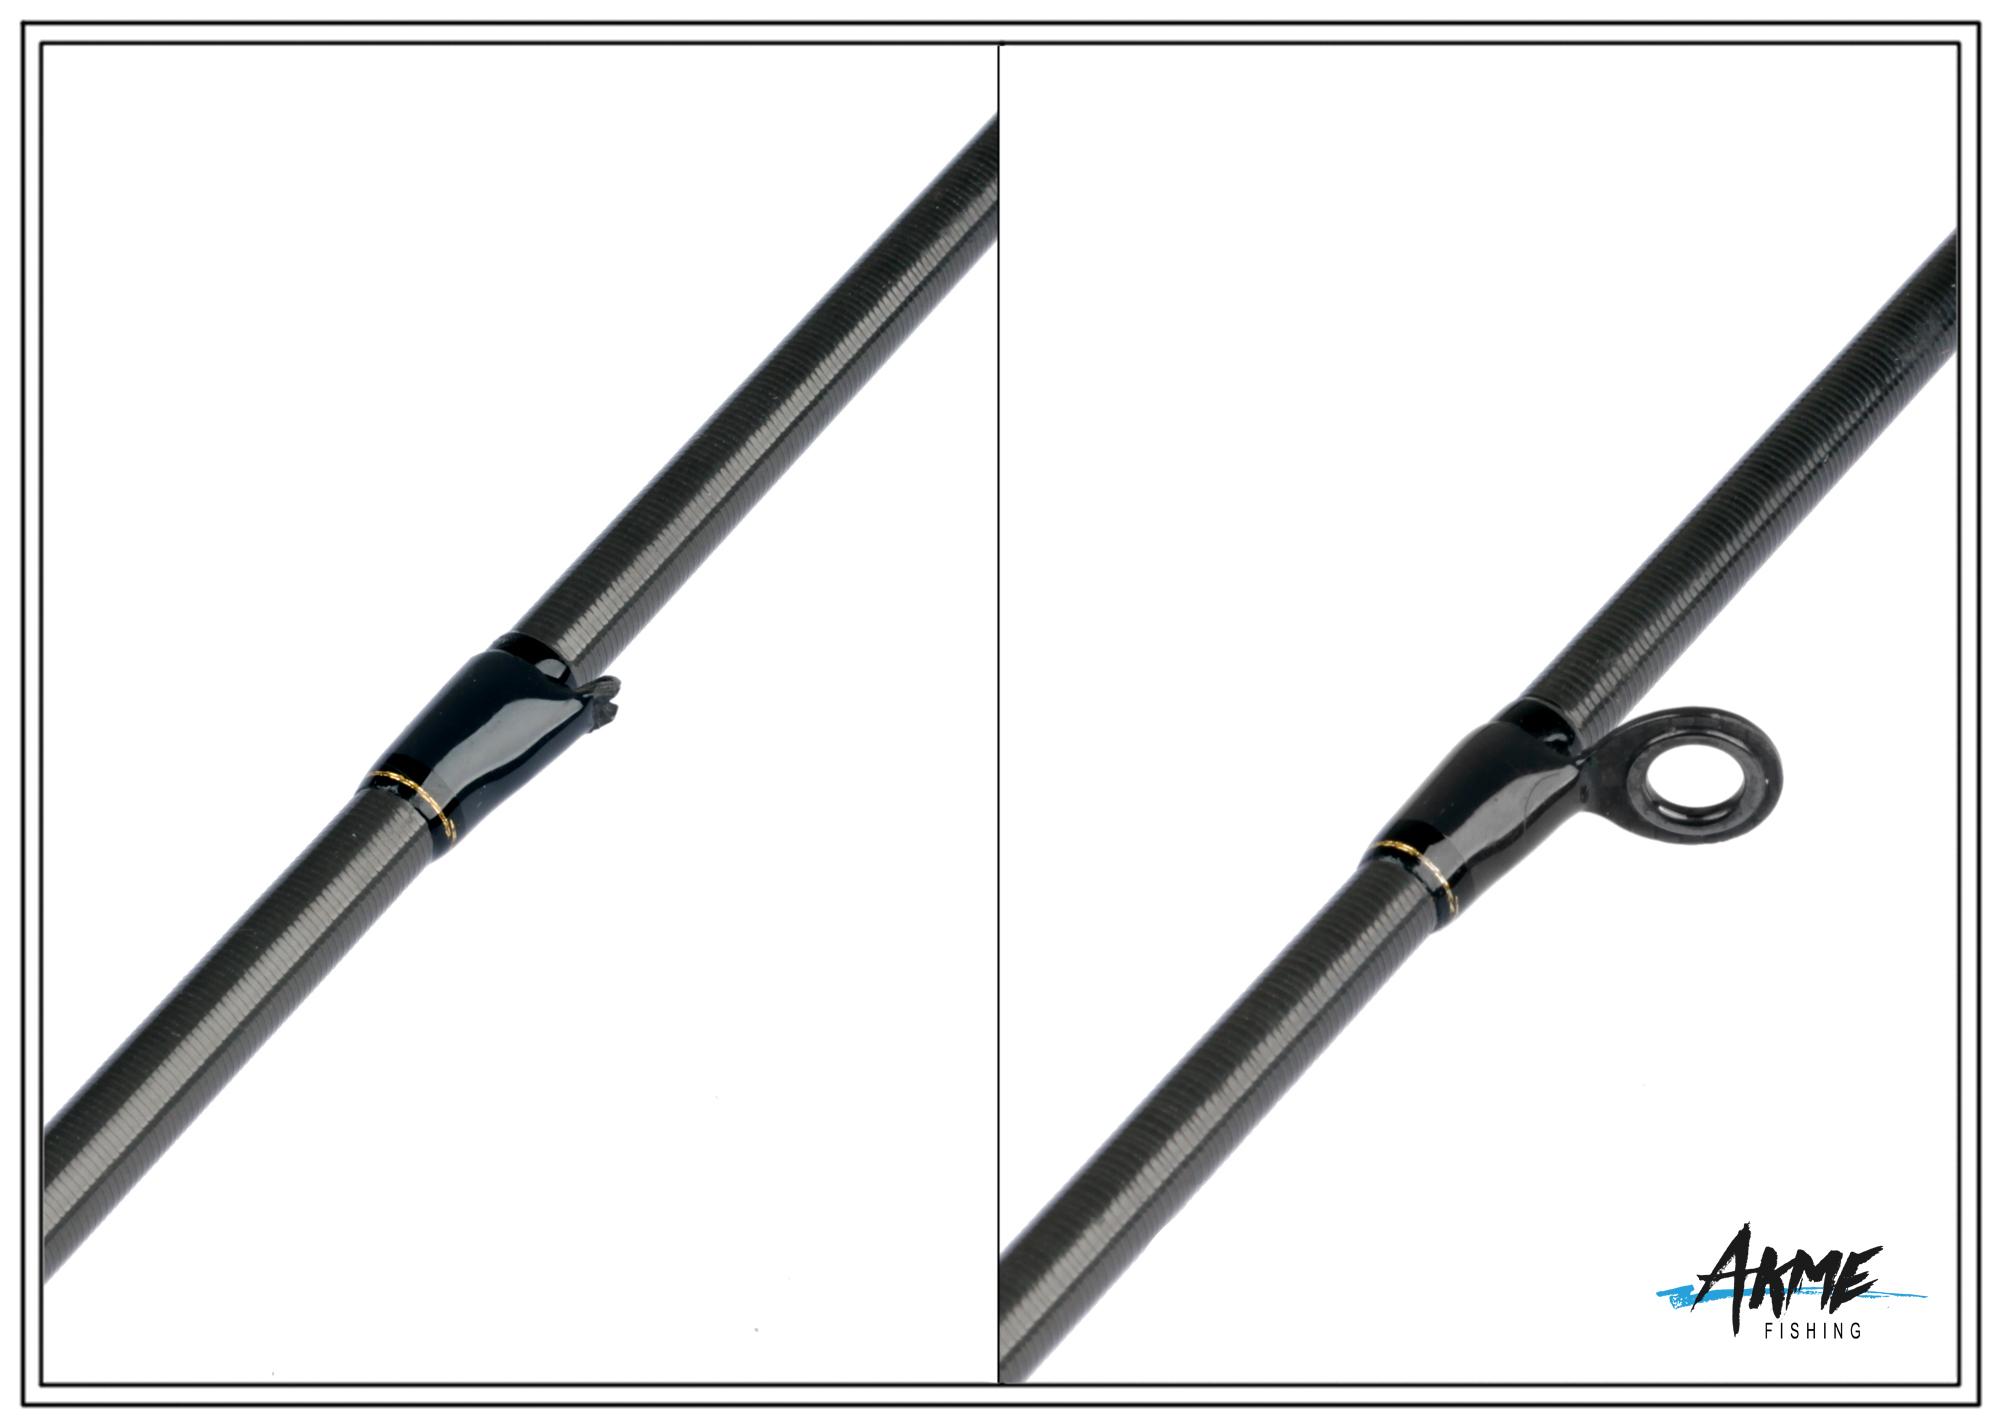 Установка колец AGS на спиннинги Daiwa